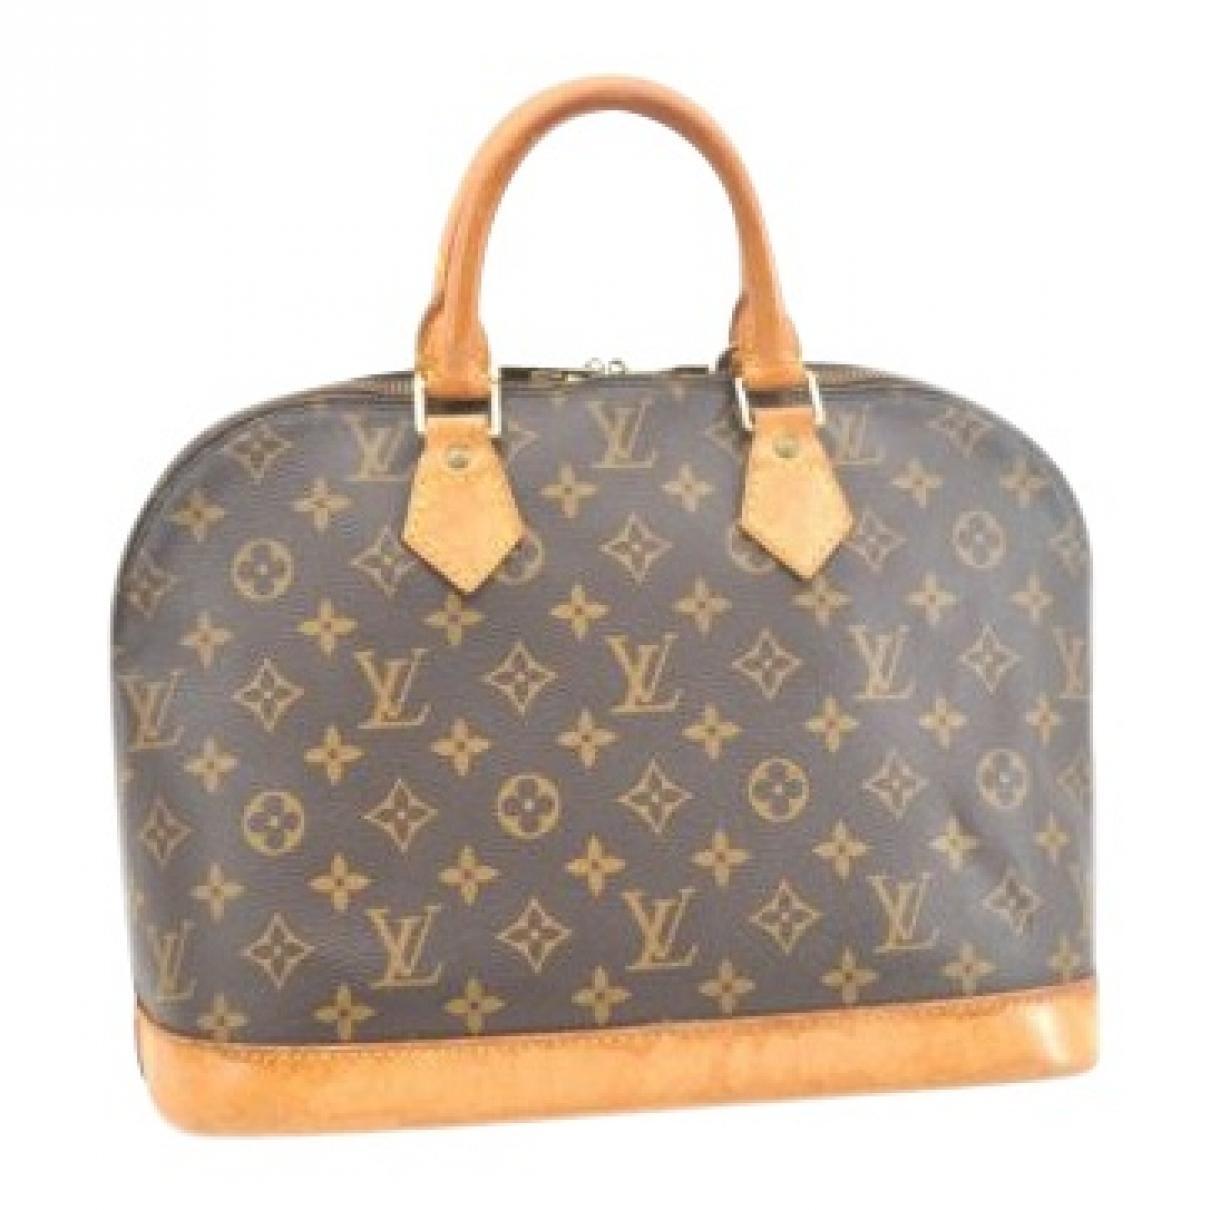 c07b083101 Louis Vuitton Alma Cloth Handbag in Brown - Lyst